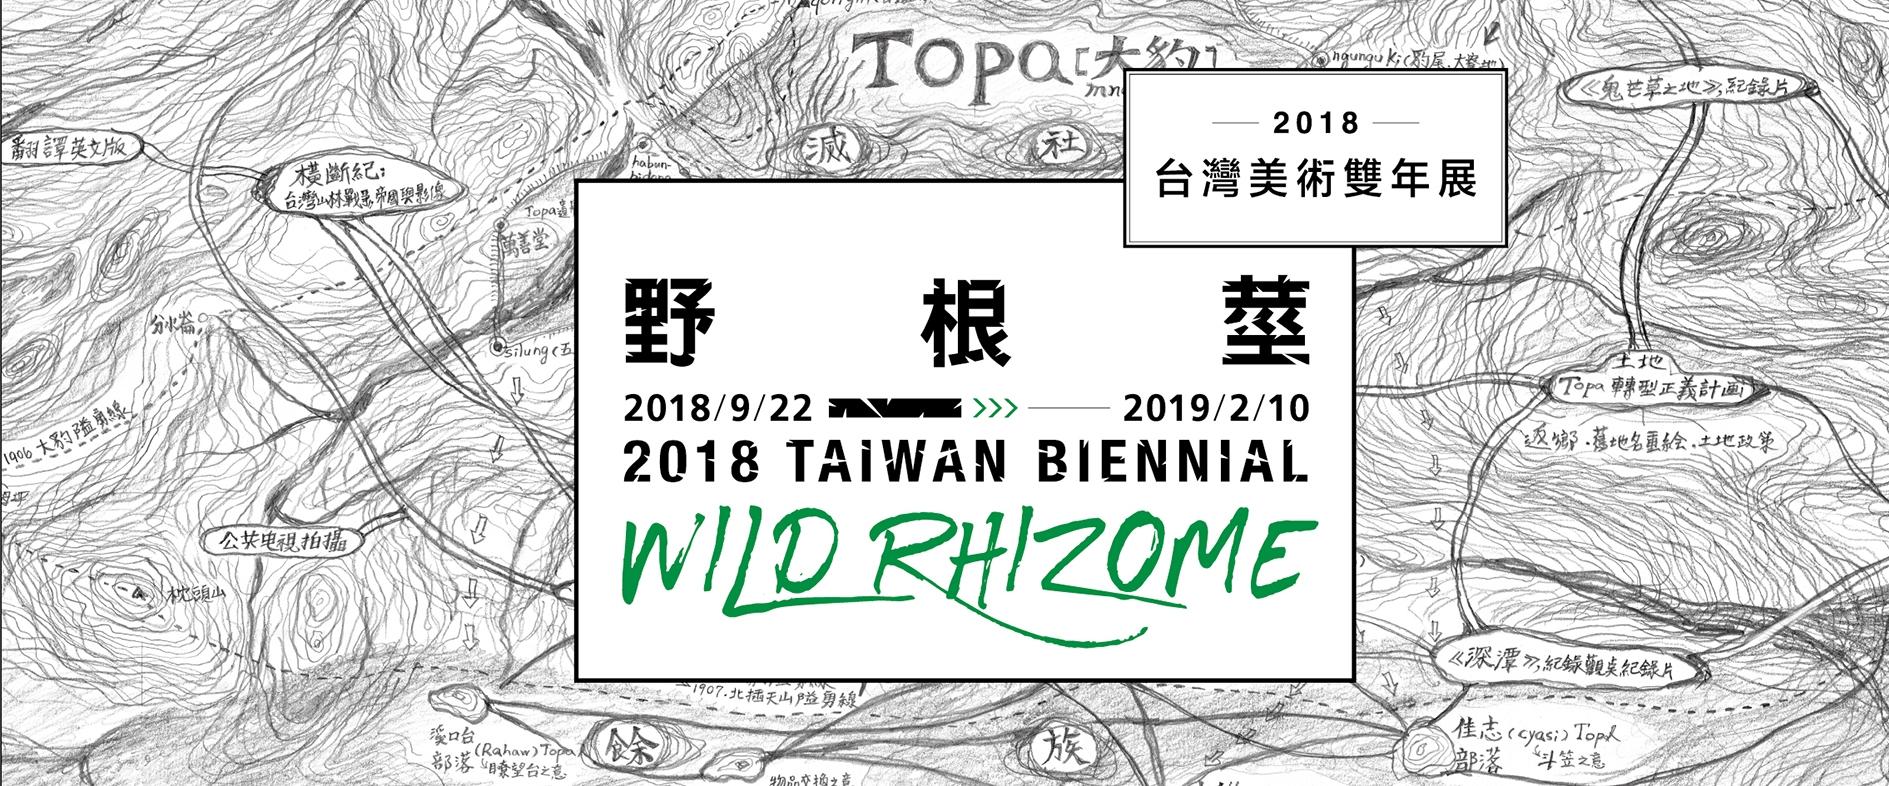 2018 Taiwan Biennial — Wild Rhizome[另開新視窗]